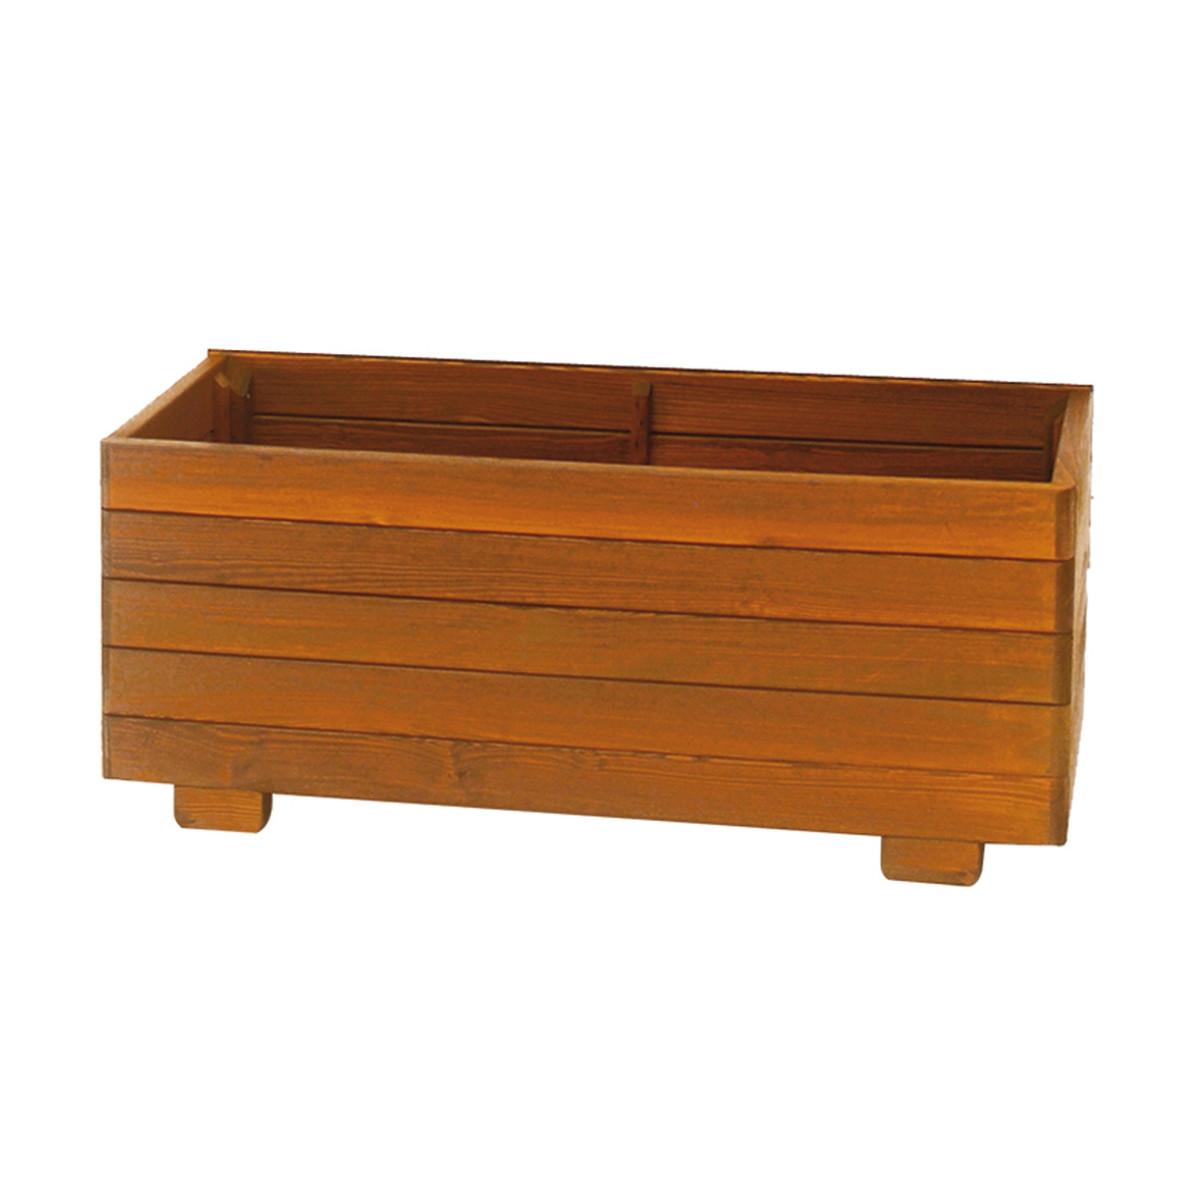 Fioriere in legno: prezzi e offerte online per fioriere in legno